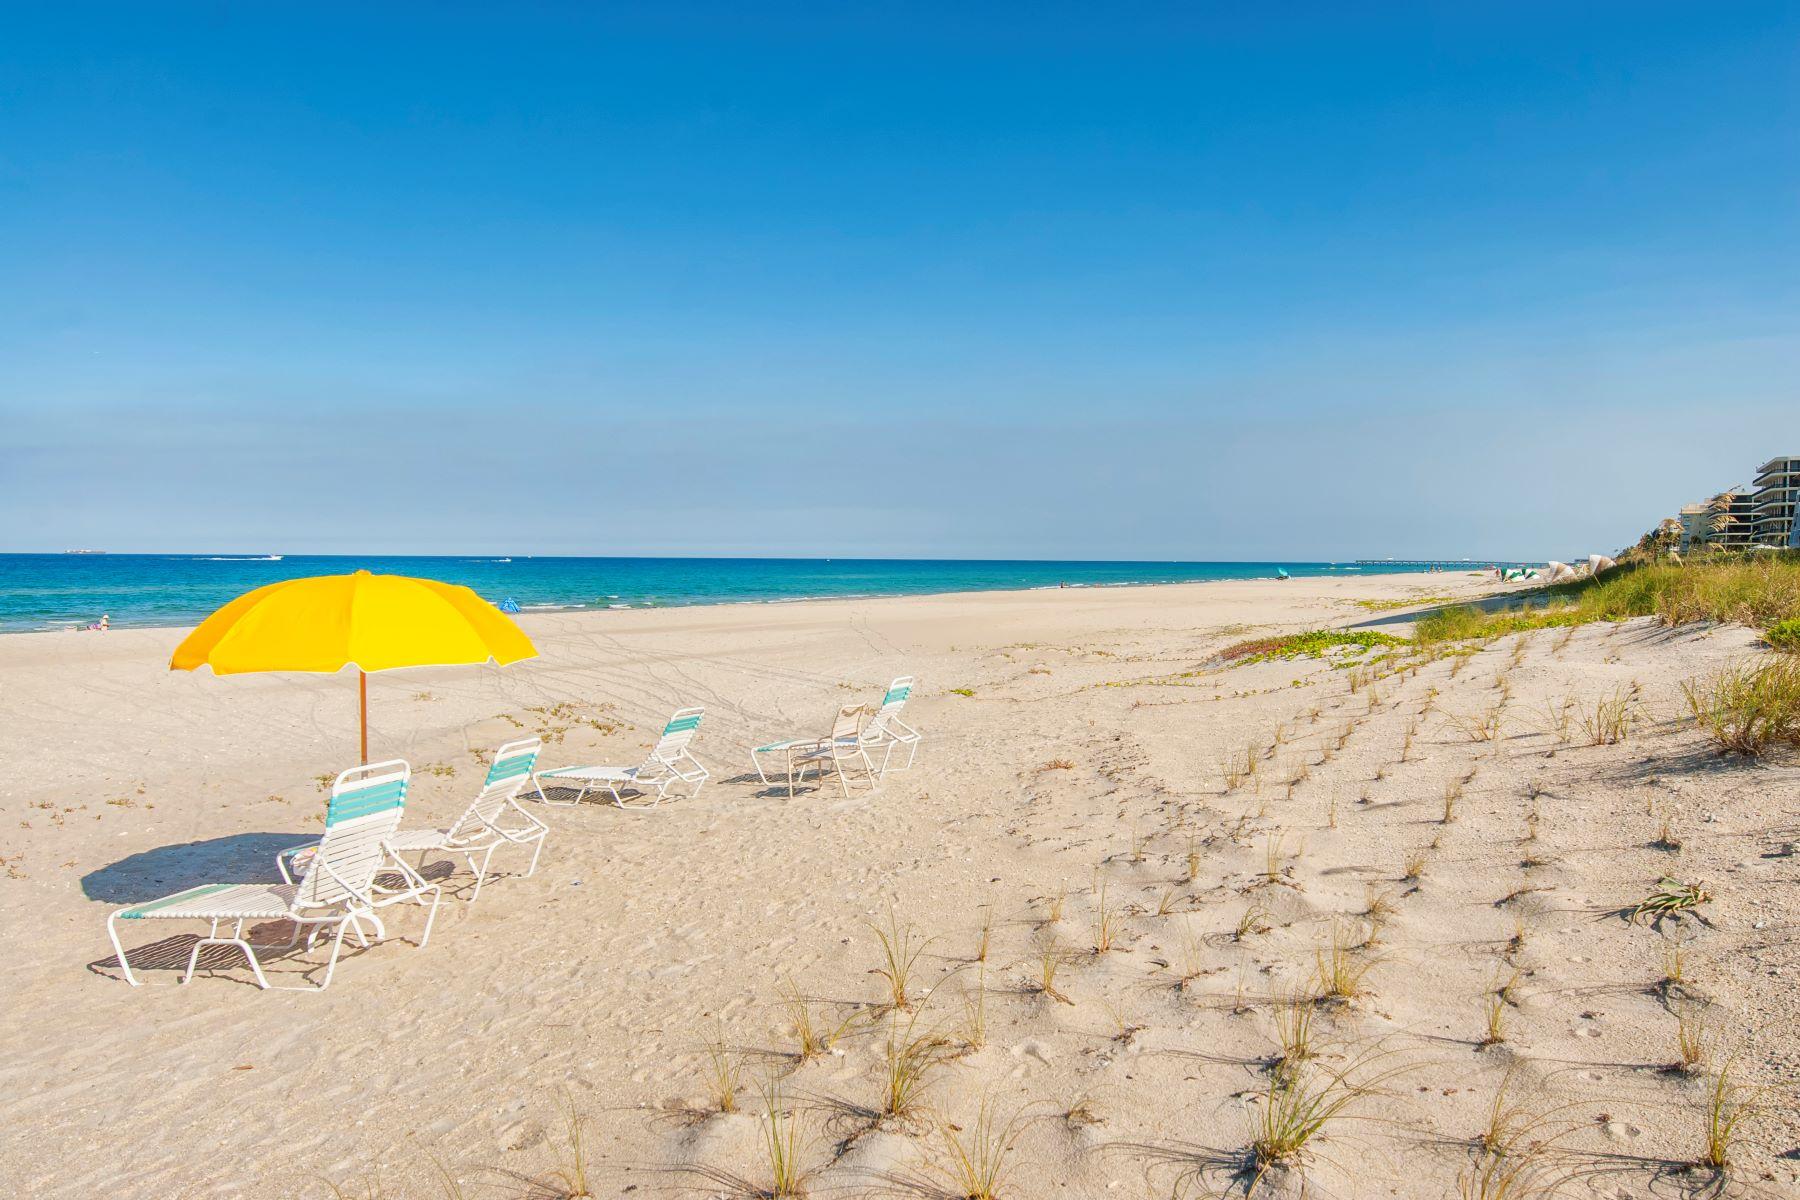 2560 S Ocean Boulevard 2560 S Ocean Boulevard 612 Palm Beach, Florida 33480 Amerika Birleşik Devletleri